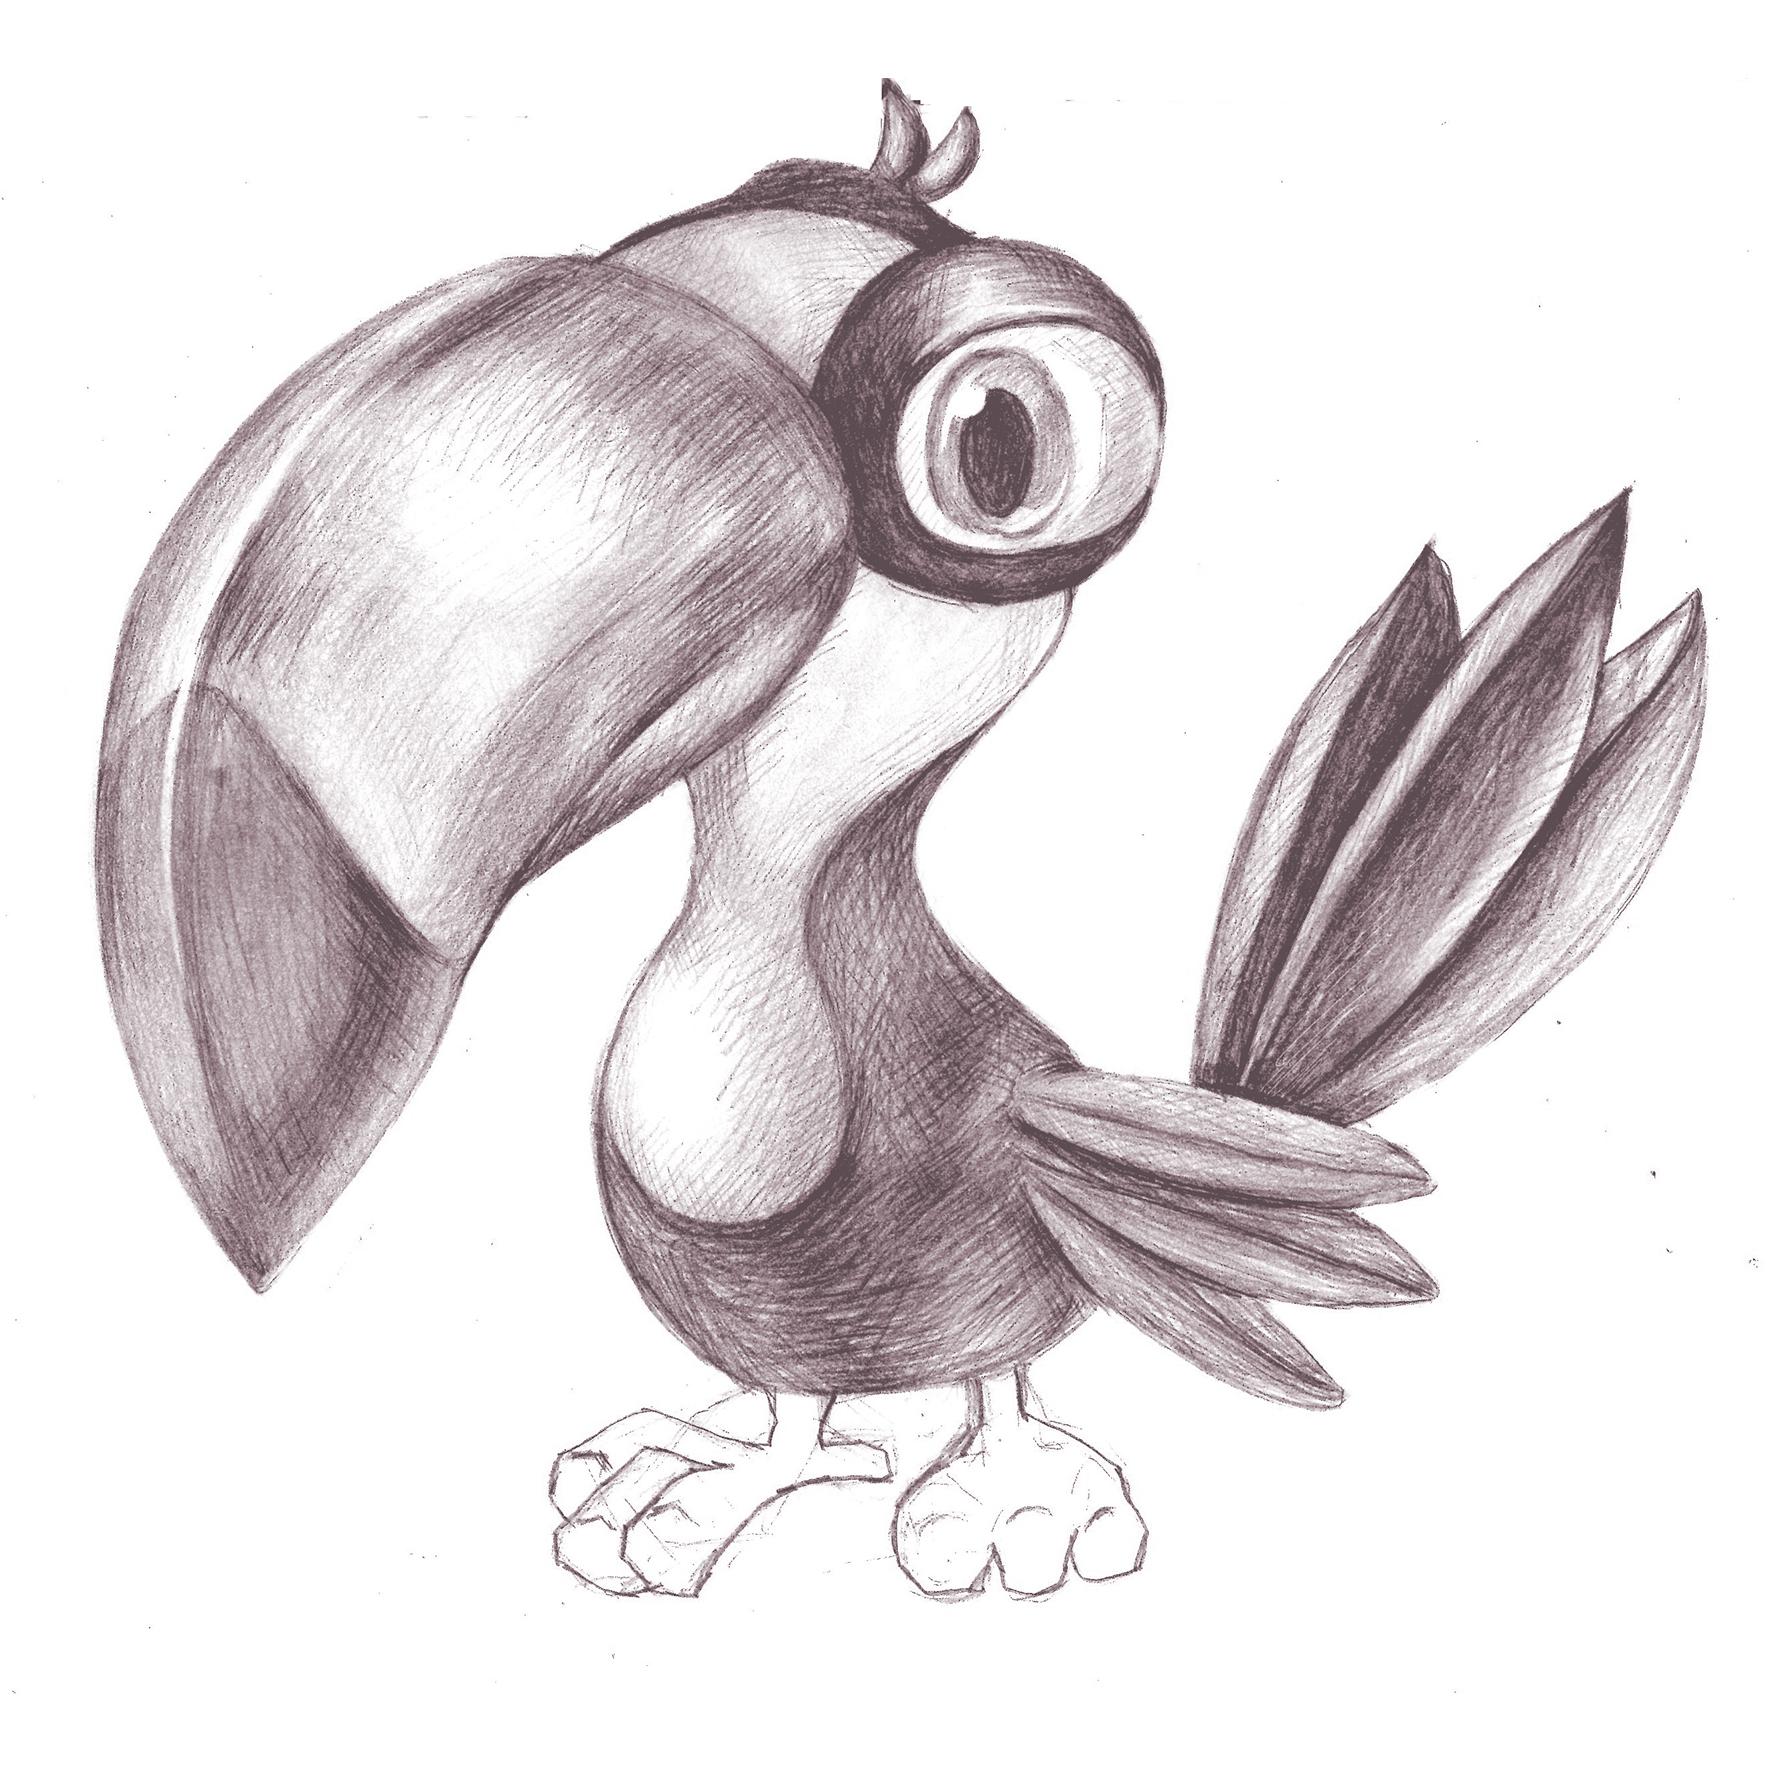 手绘素材|插画|插画习作|╮咖啡香 - 原创作品 - 站酷